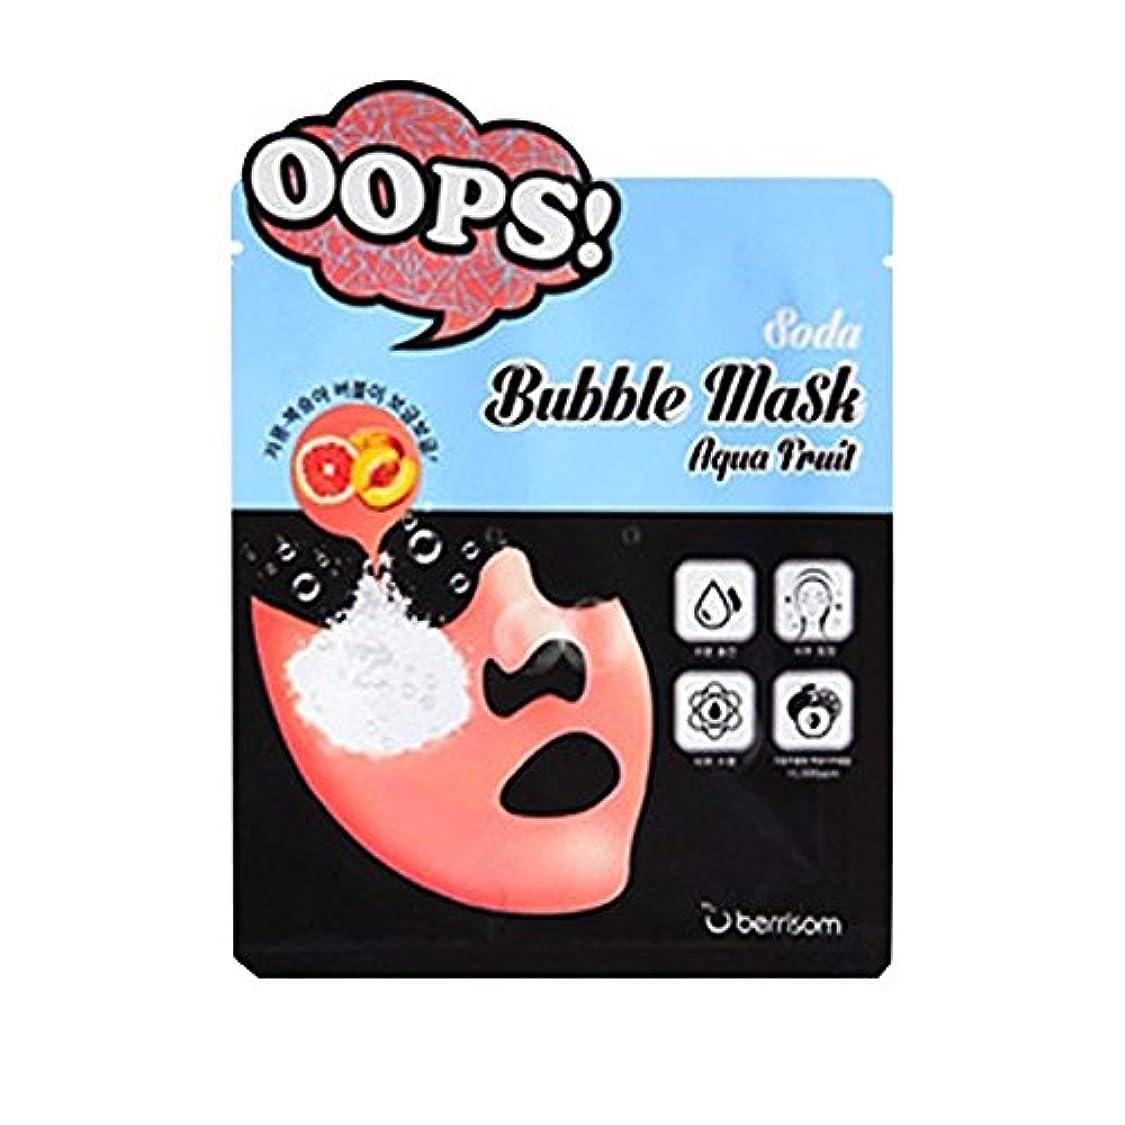 ソートチーターぺディカブBerrisom Oops Soda Bubble Mask - 1pack (5pcs) aqua Fruit/ベリーサム Oops ソーダ バブル マスク - 1pack (5pcs) aqua Fruit